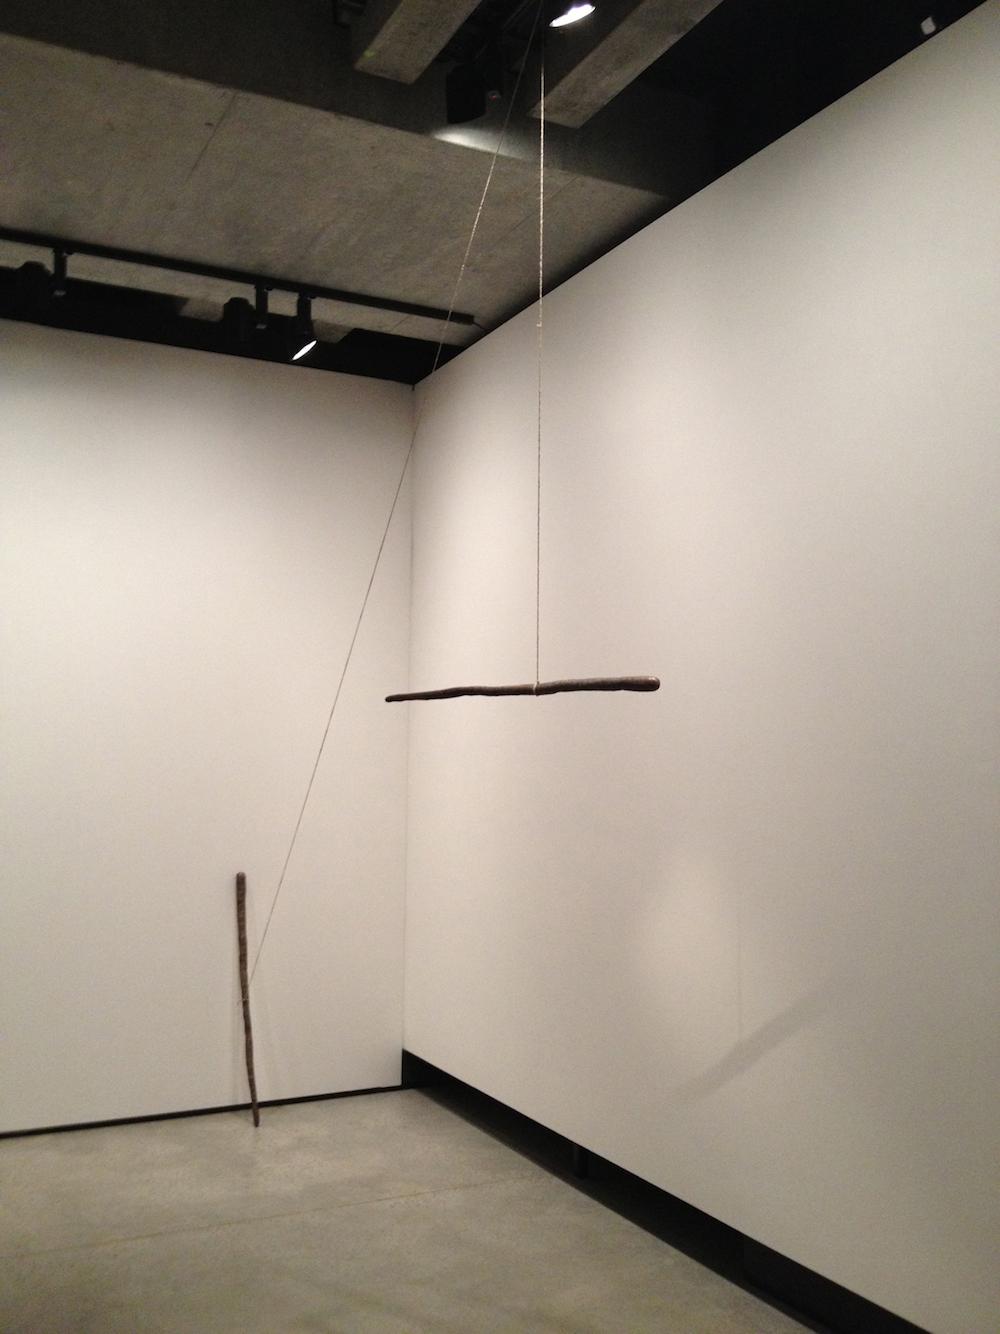 Sam Porritt, Carrot Shaped Stick, 2013. Installation view. Courtesy of MONA, Tasmania, AU. Photographer: Remi Chauvin.